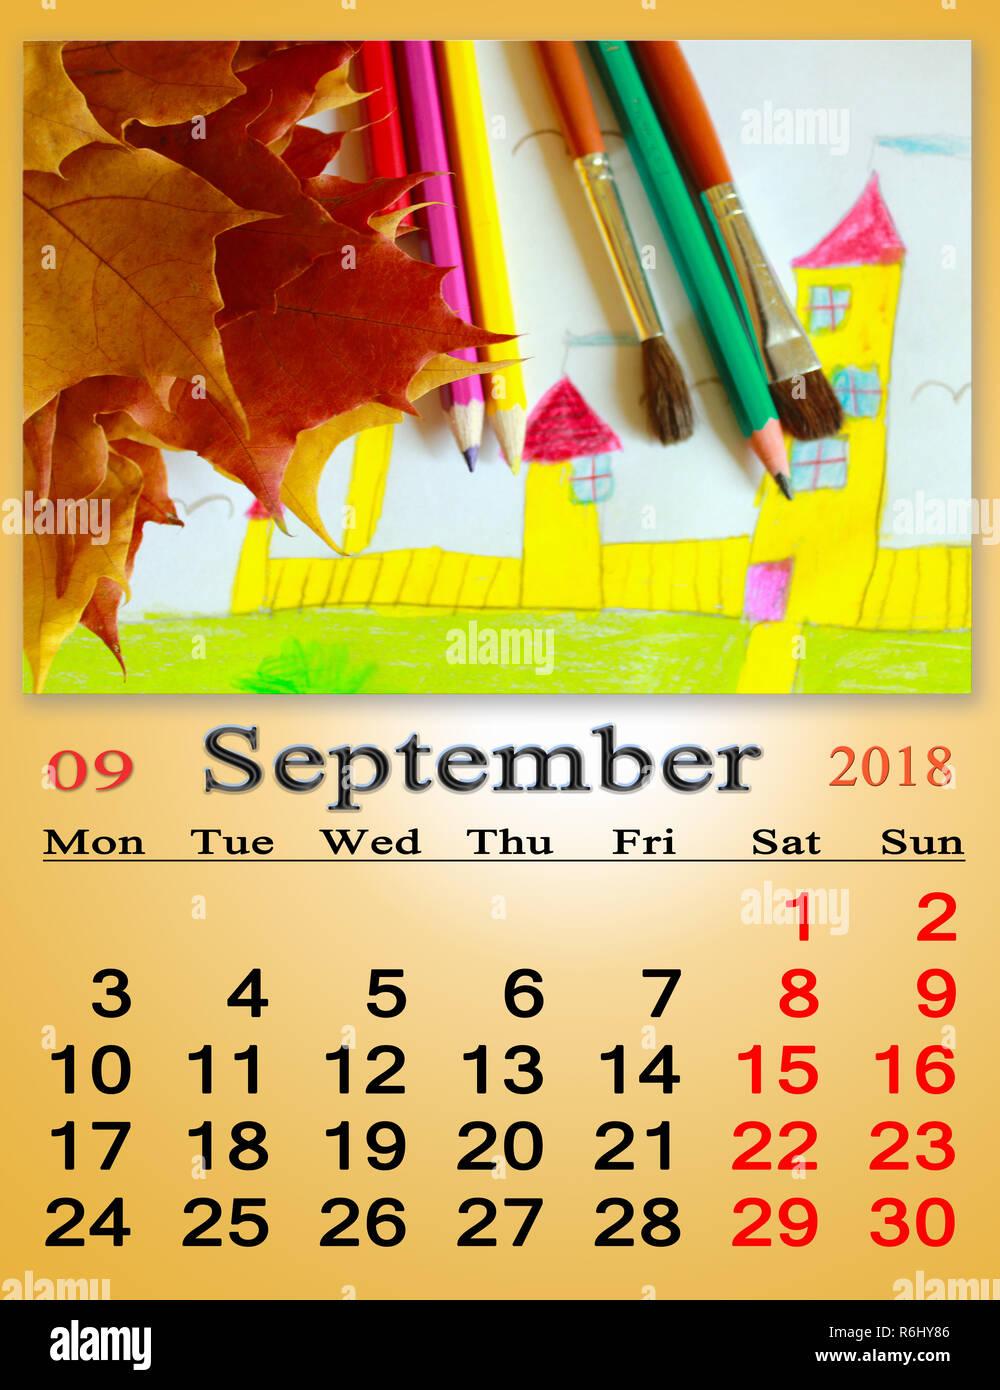 Calendario Dibujo Septiembre.Calendario De Septiembre 2018 Con Dibujos Infantiles Y Hojas